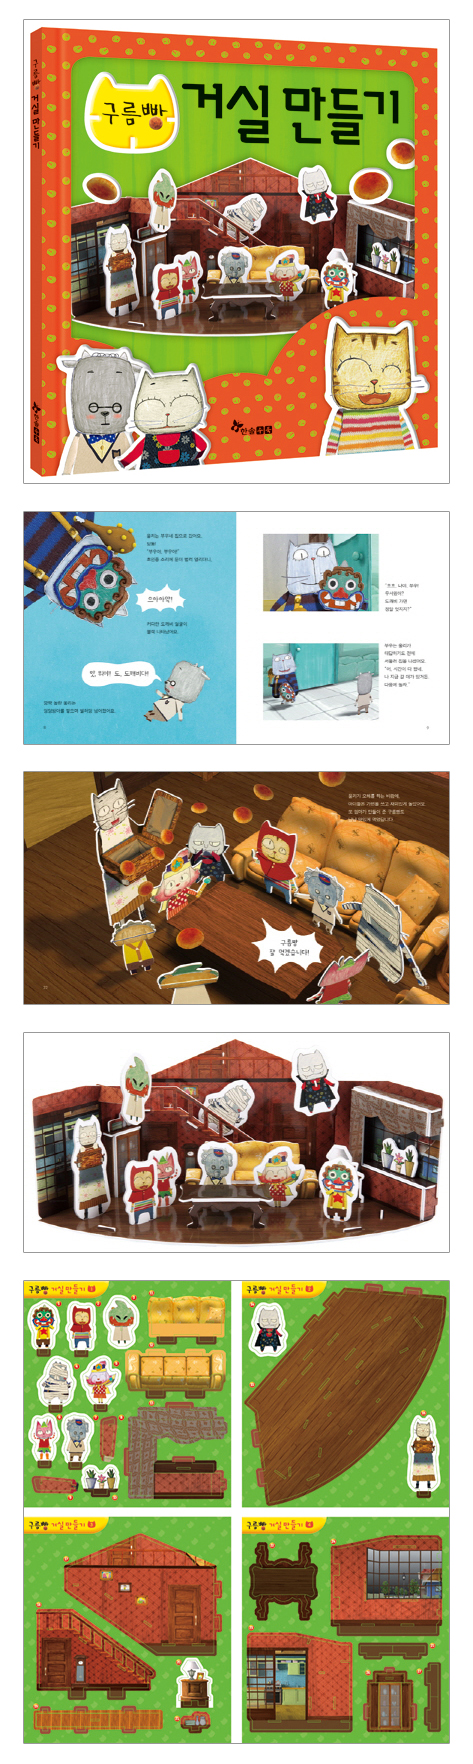 구름빵 거실 만들기(구름빵 만들기 시리즈)(양장본 HardCover) 도서 상세이미지